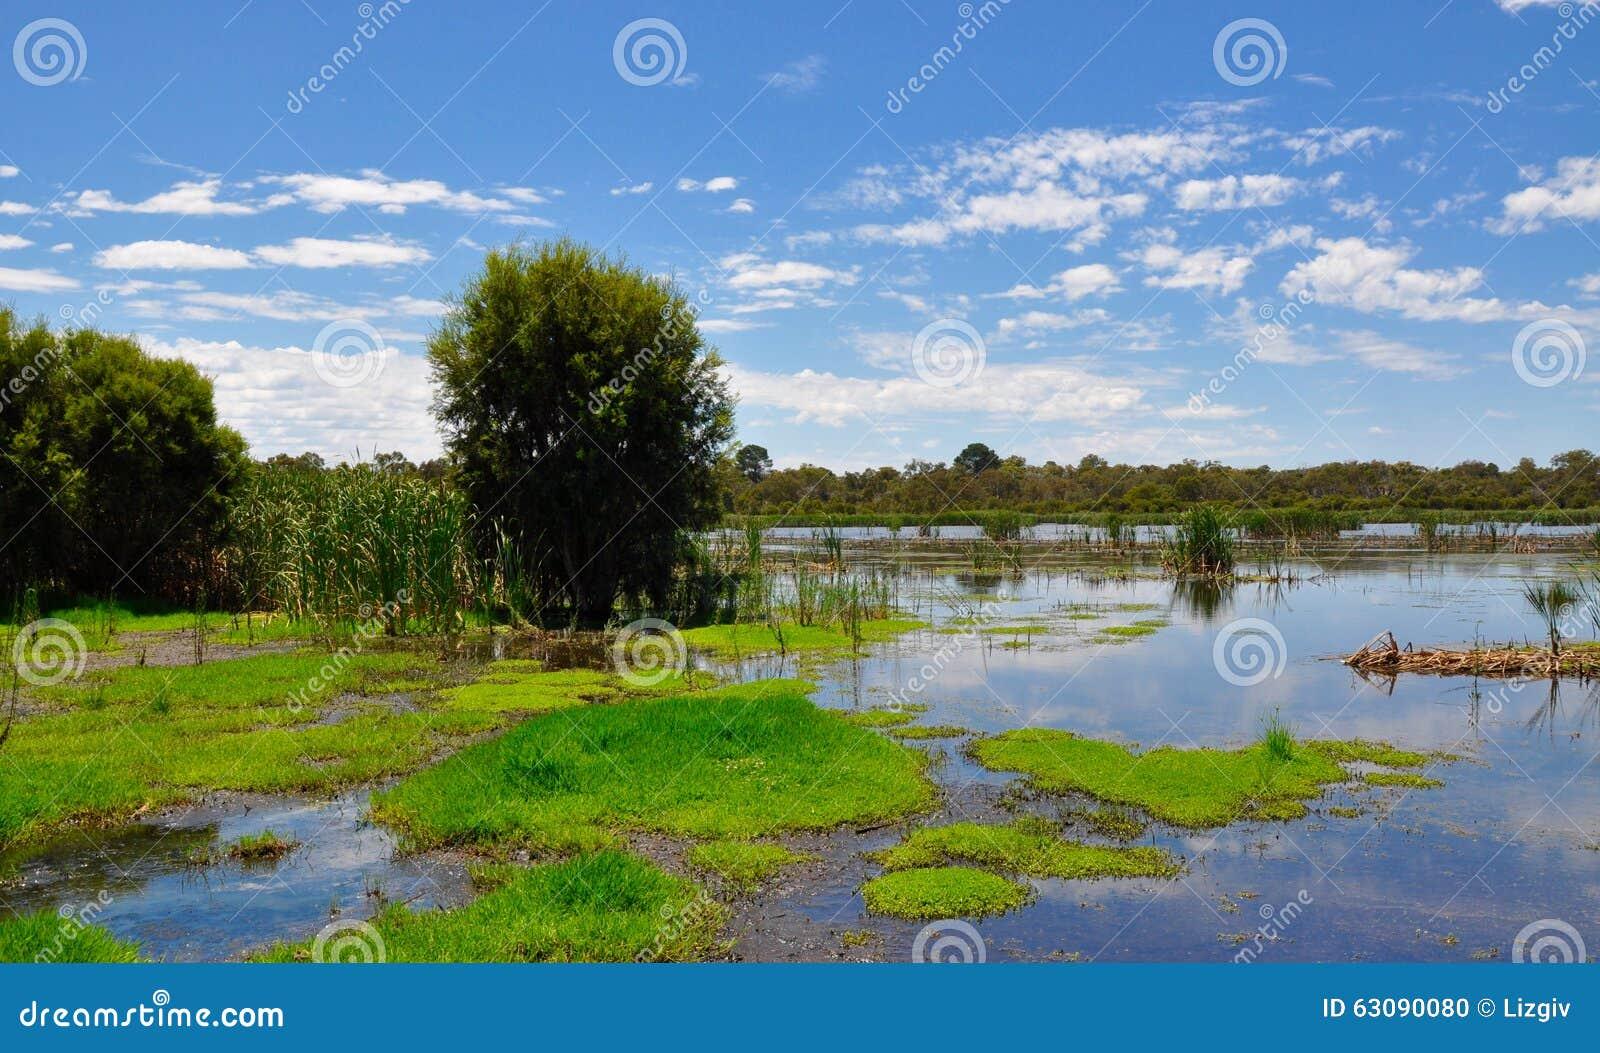 Download Réservation De Marécage De Beelier, Australie Occidentale Photo stock - Image du wispy, nature: 63090080